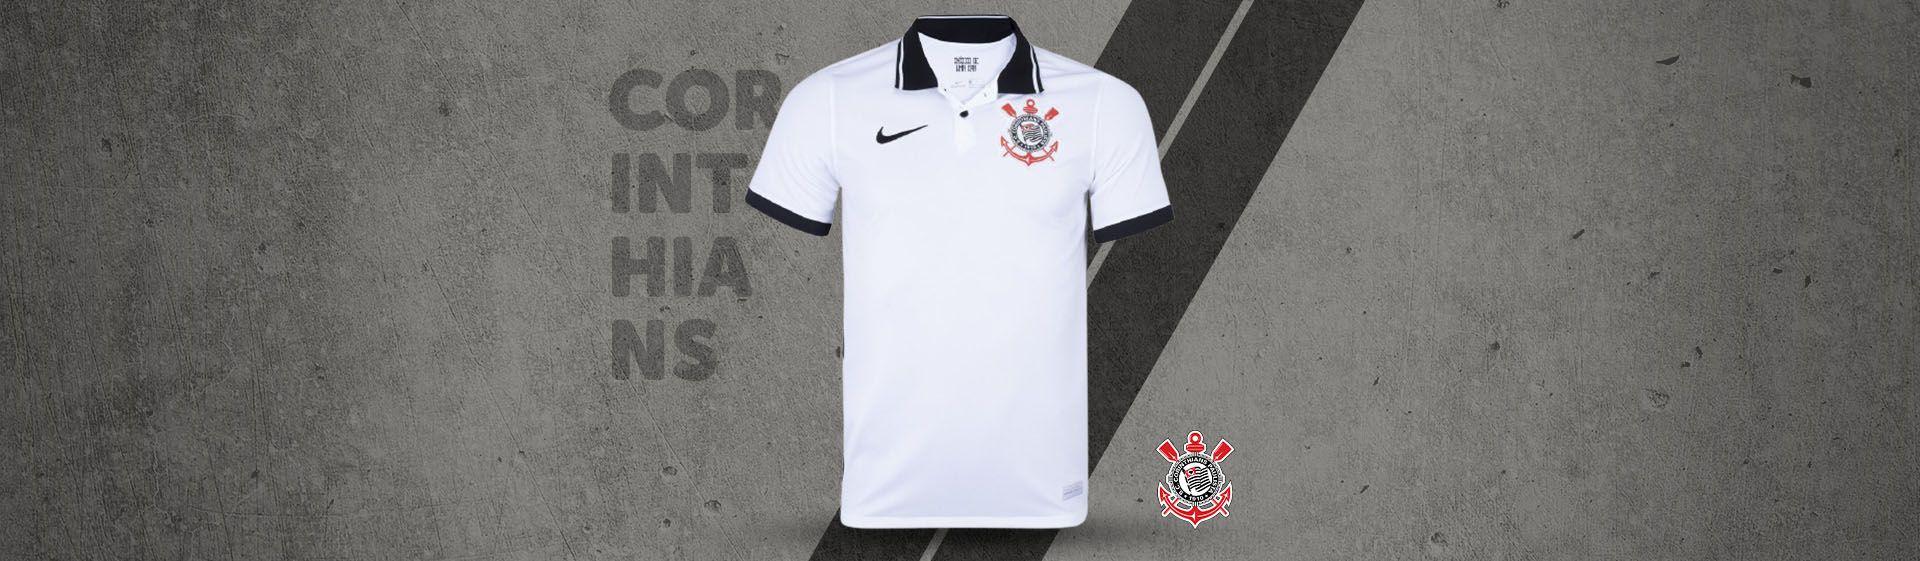 Camisa do Corinthians: camisas do Corinthians para comprar em 2021